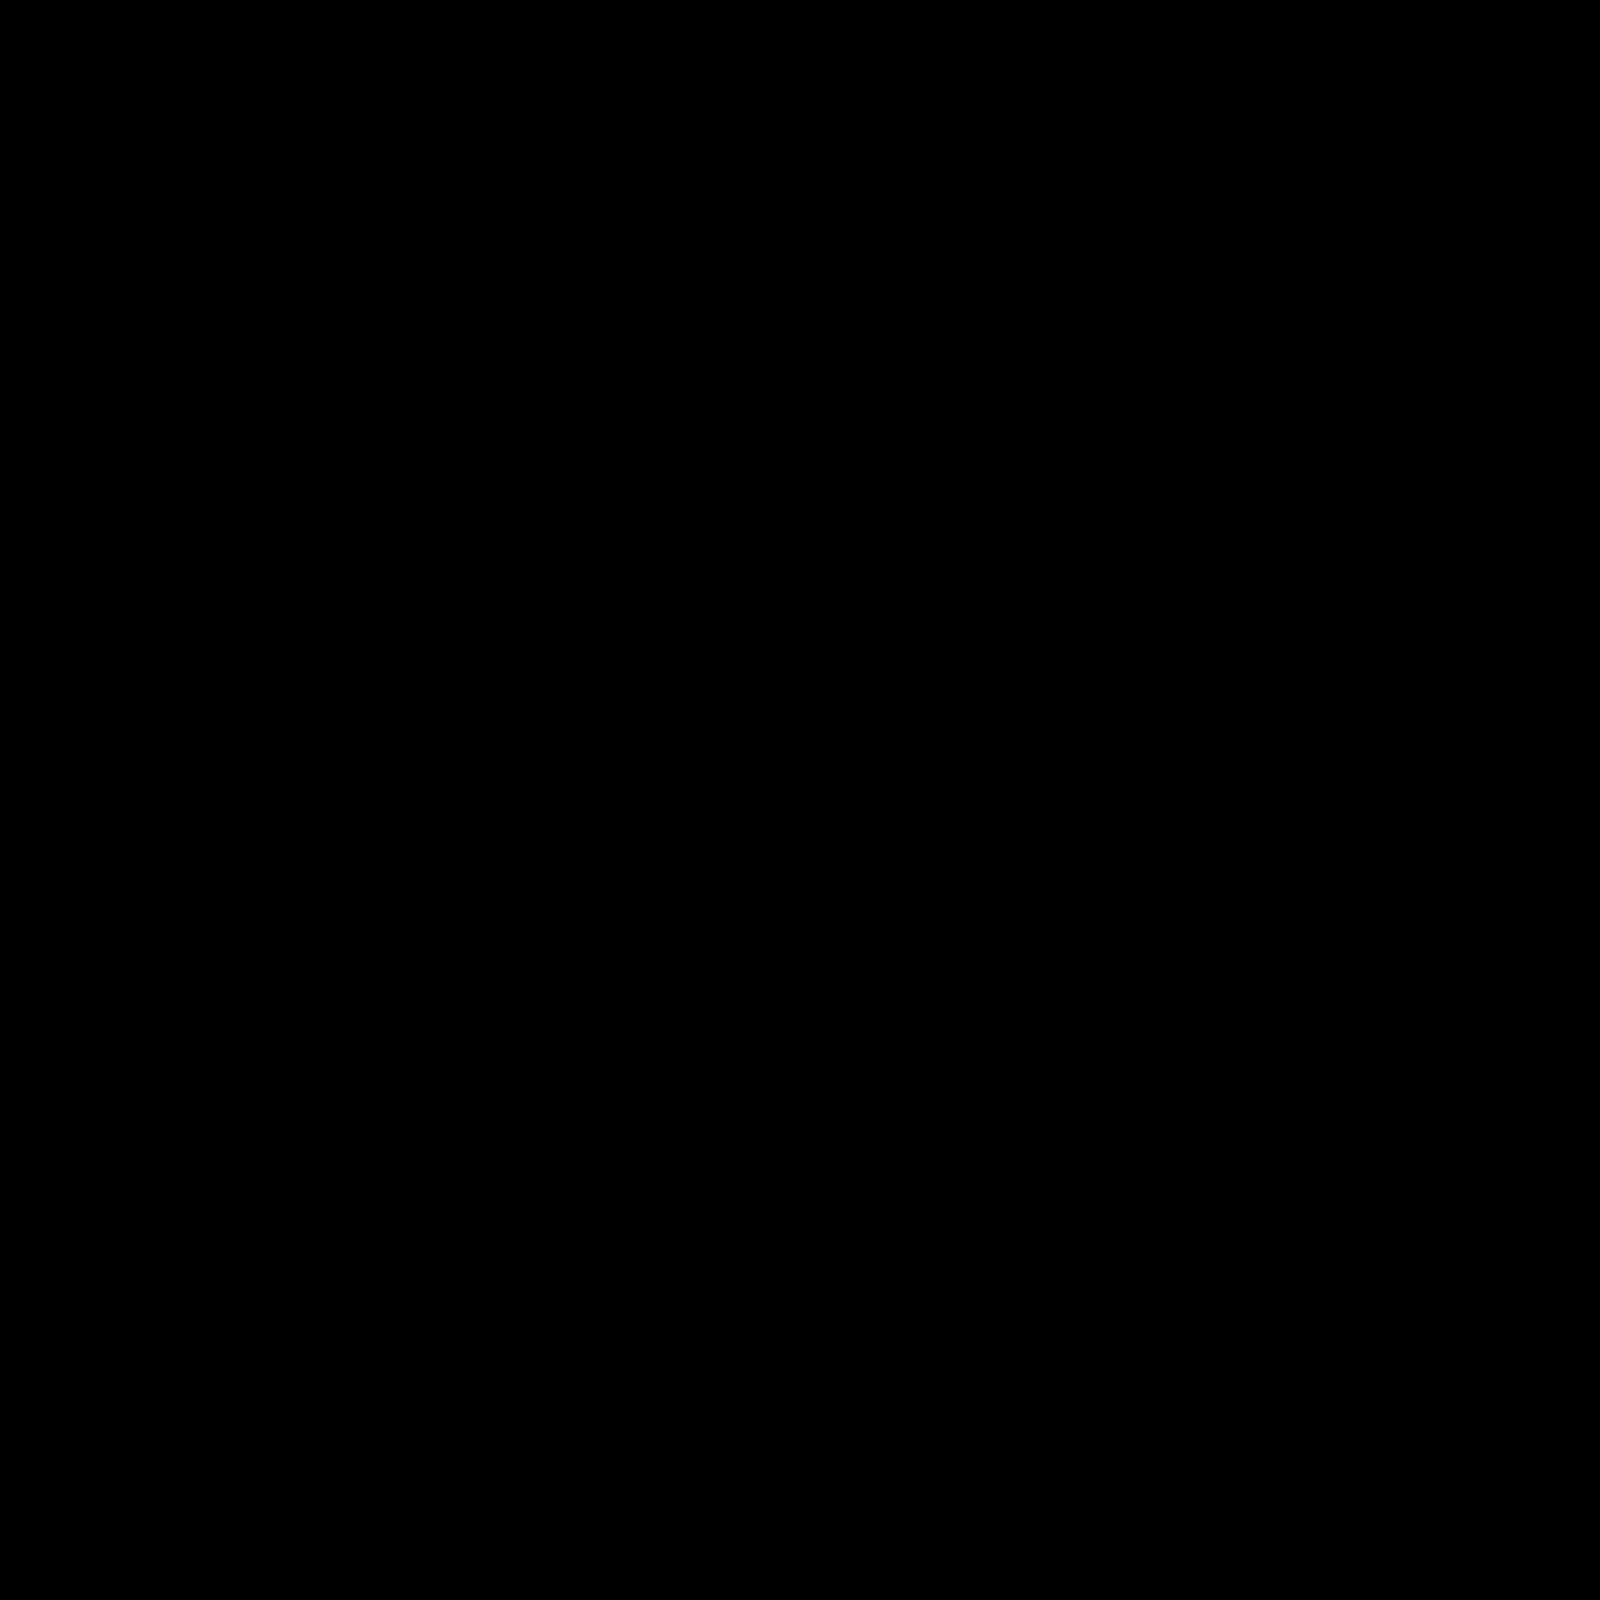 利益 icon